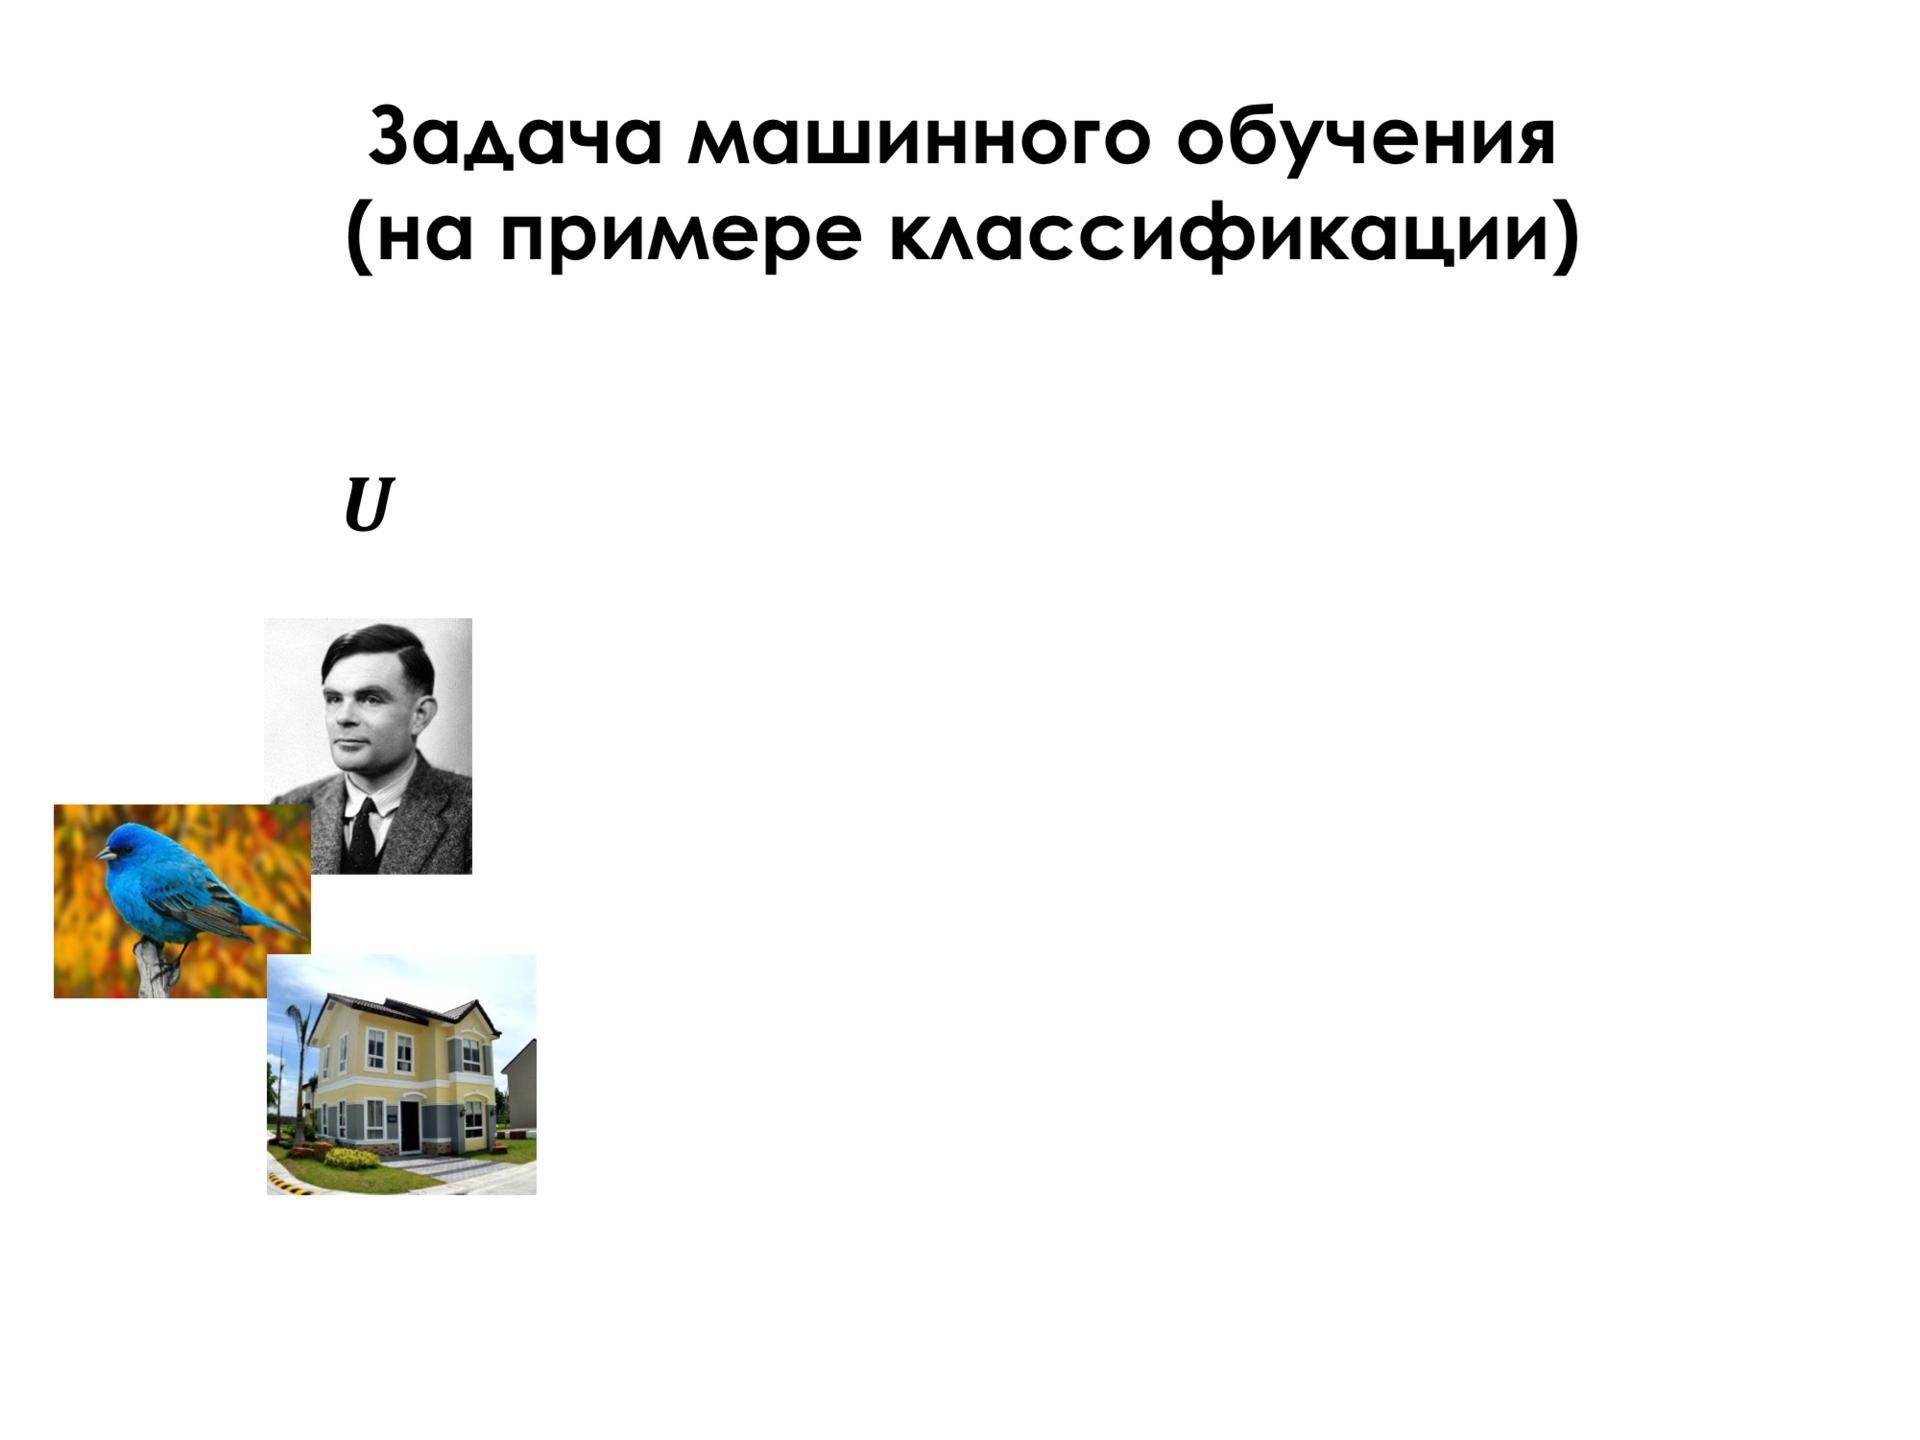 Самое главное о нейронных сетях. Лекция в Яндексе - 2